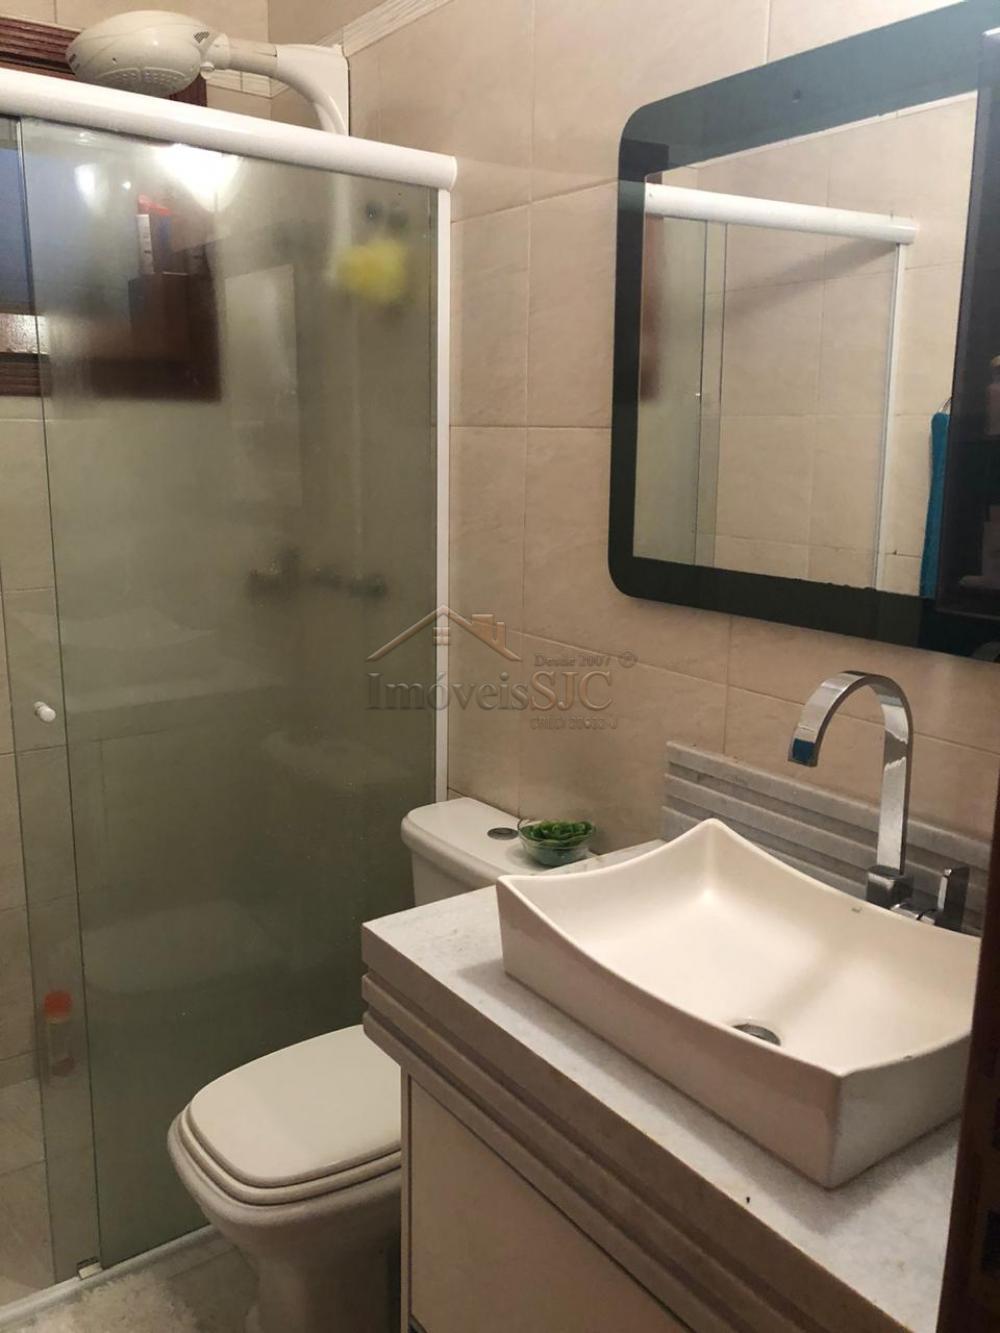 Comprar Casas / Condomínio em São José dos Campos apenas R$ 850.000,00 - Foto 14